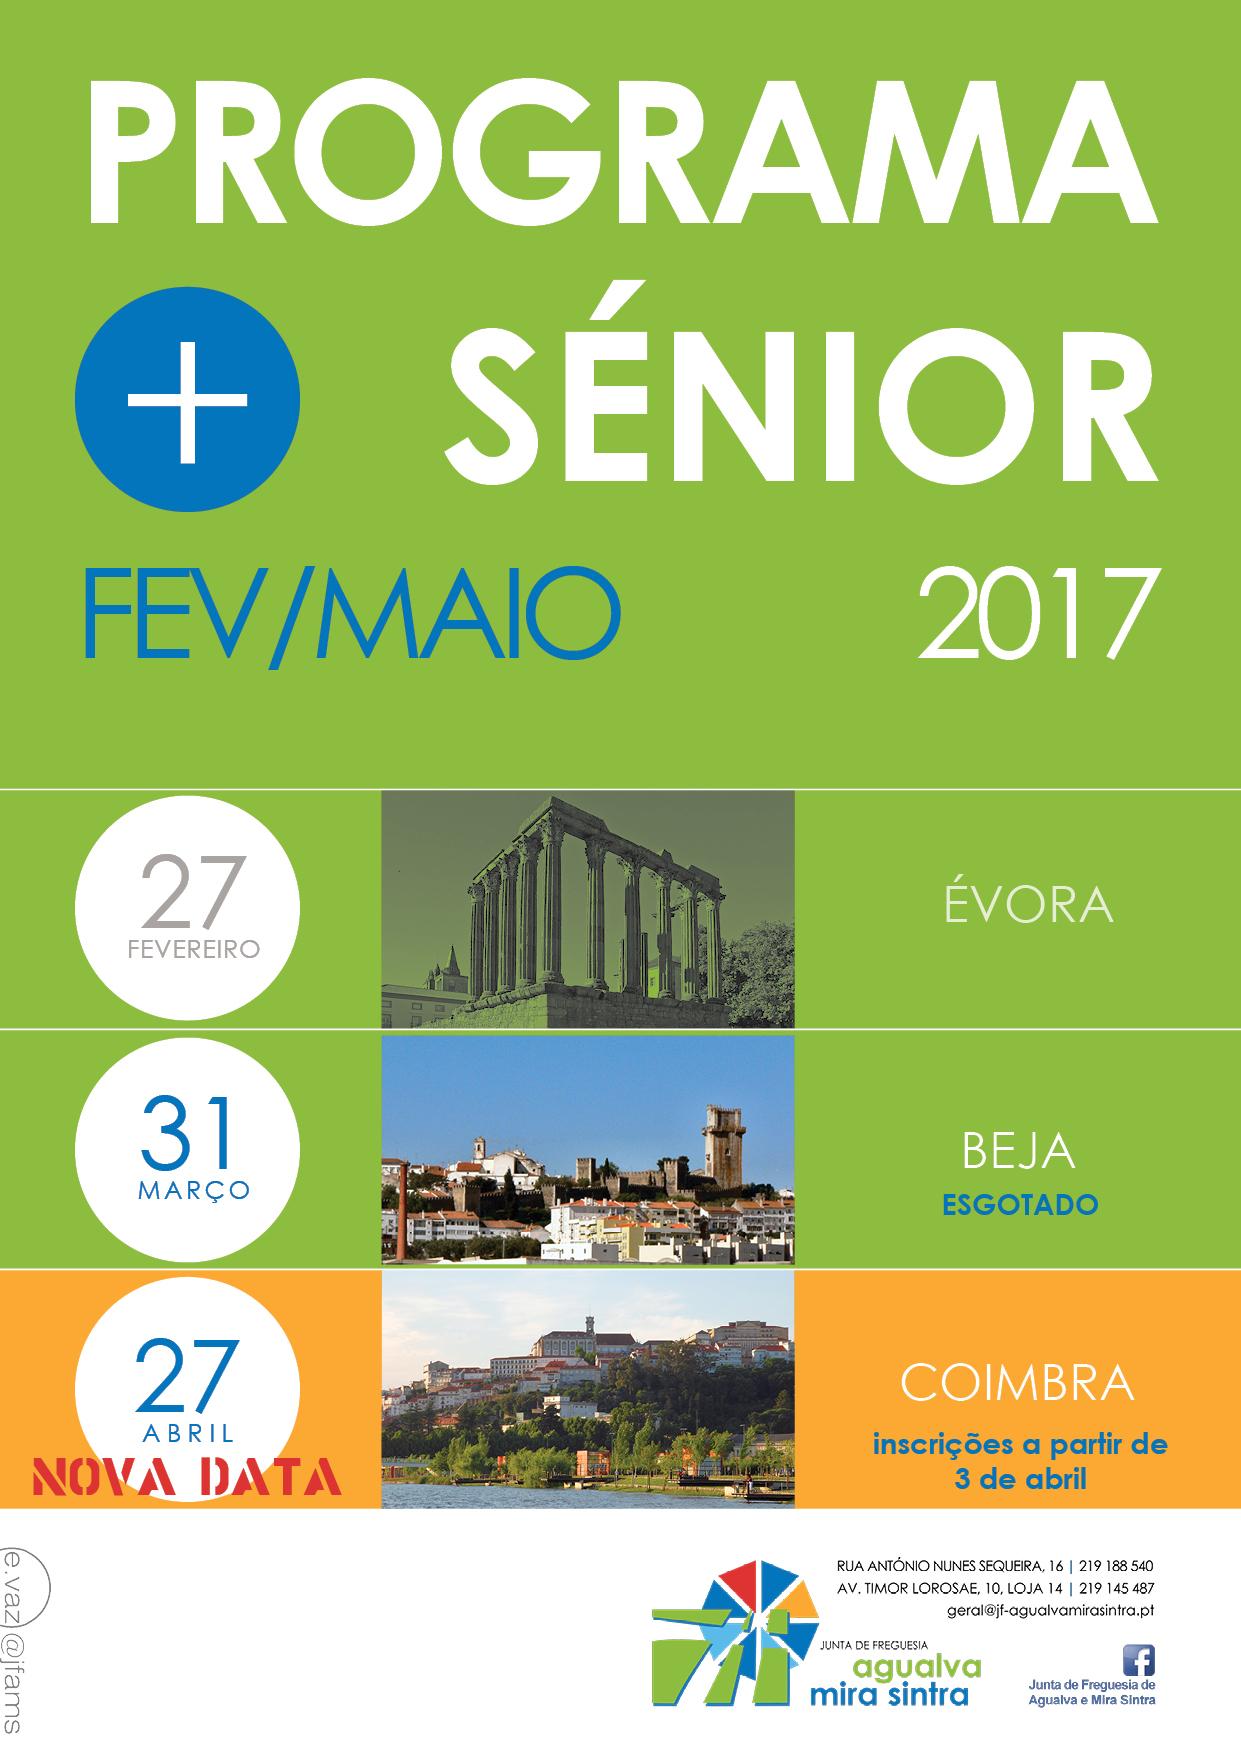 Programa + Sénior Fev/Maio 2017